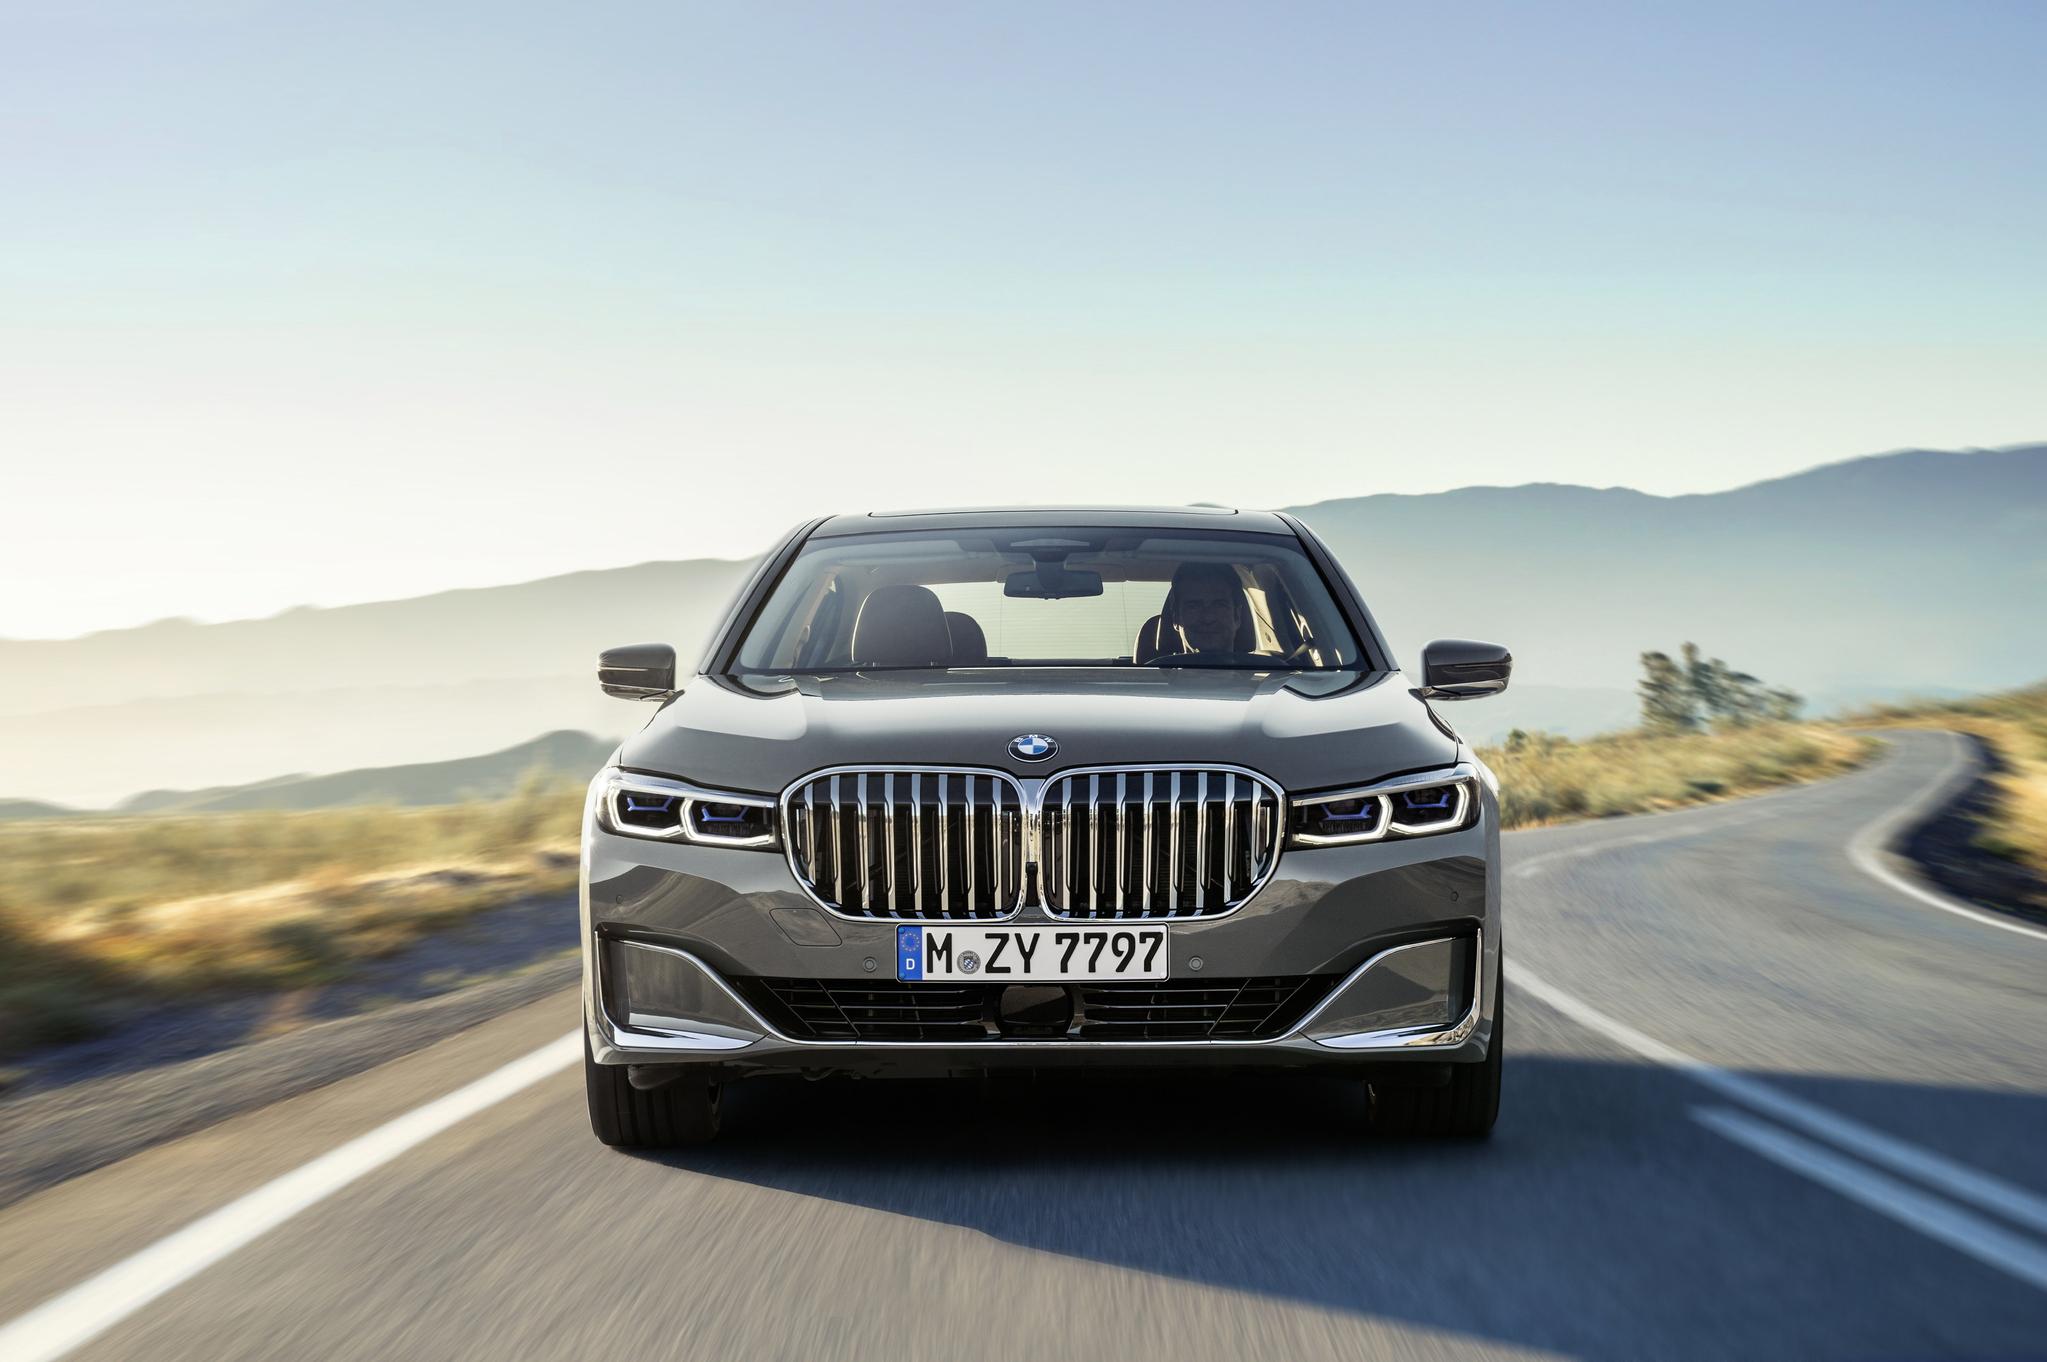 더 커진 키드니그릴은 이 차가 BMW의 기함임을 증명한다. 부분변경 모델이지만 전작에서 부족했던 부분을 보완해 신차 같은 신선함을 준다. [사진 BMW]